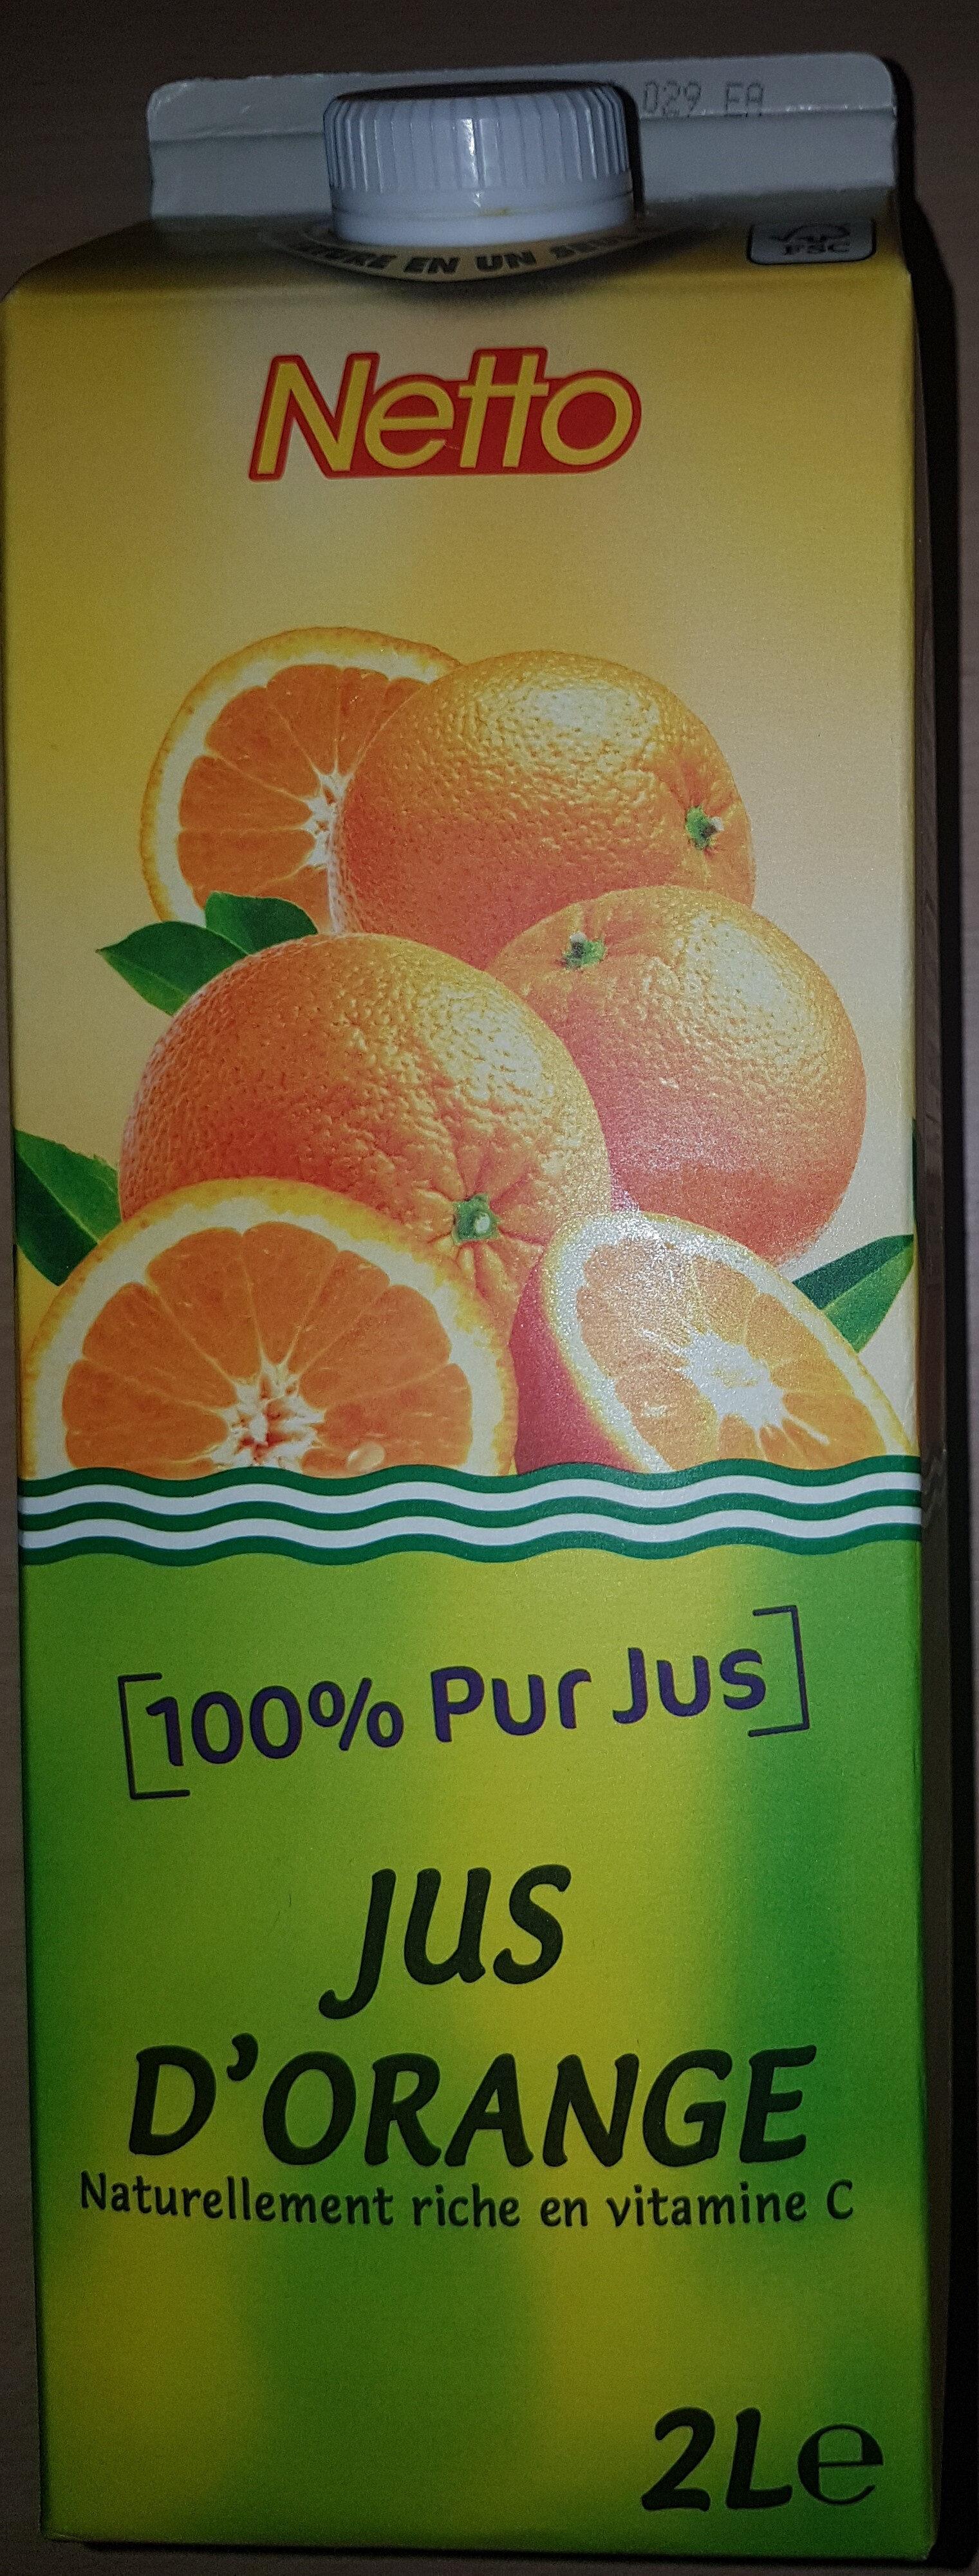 Jus d'orange 100% pur jus 2L - Product - fr